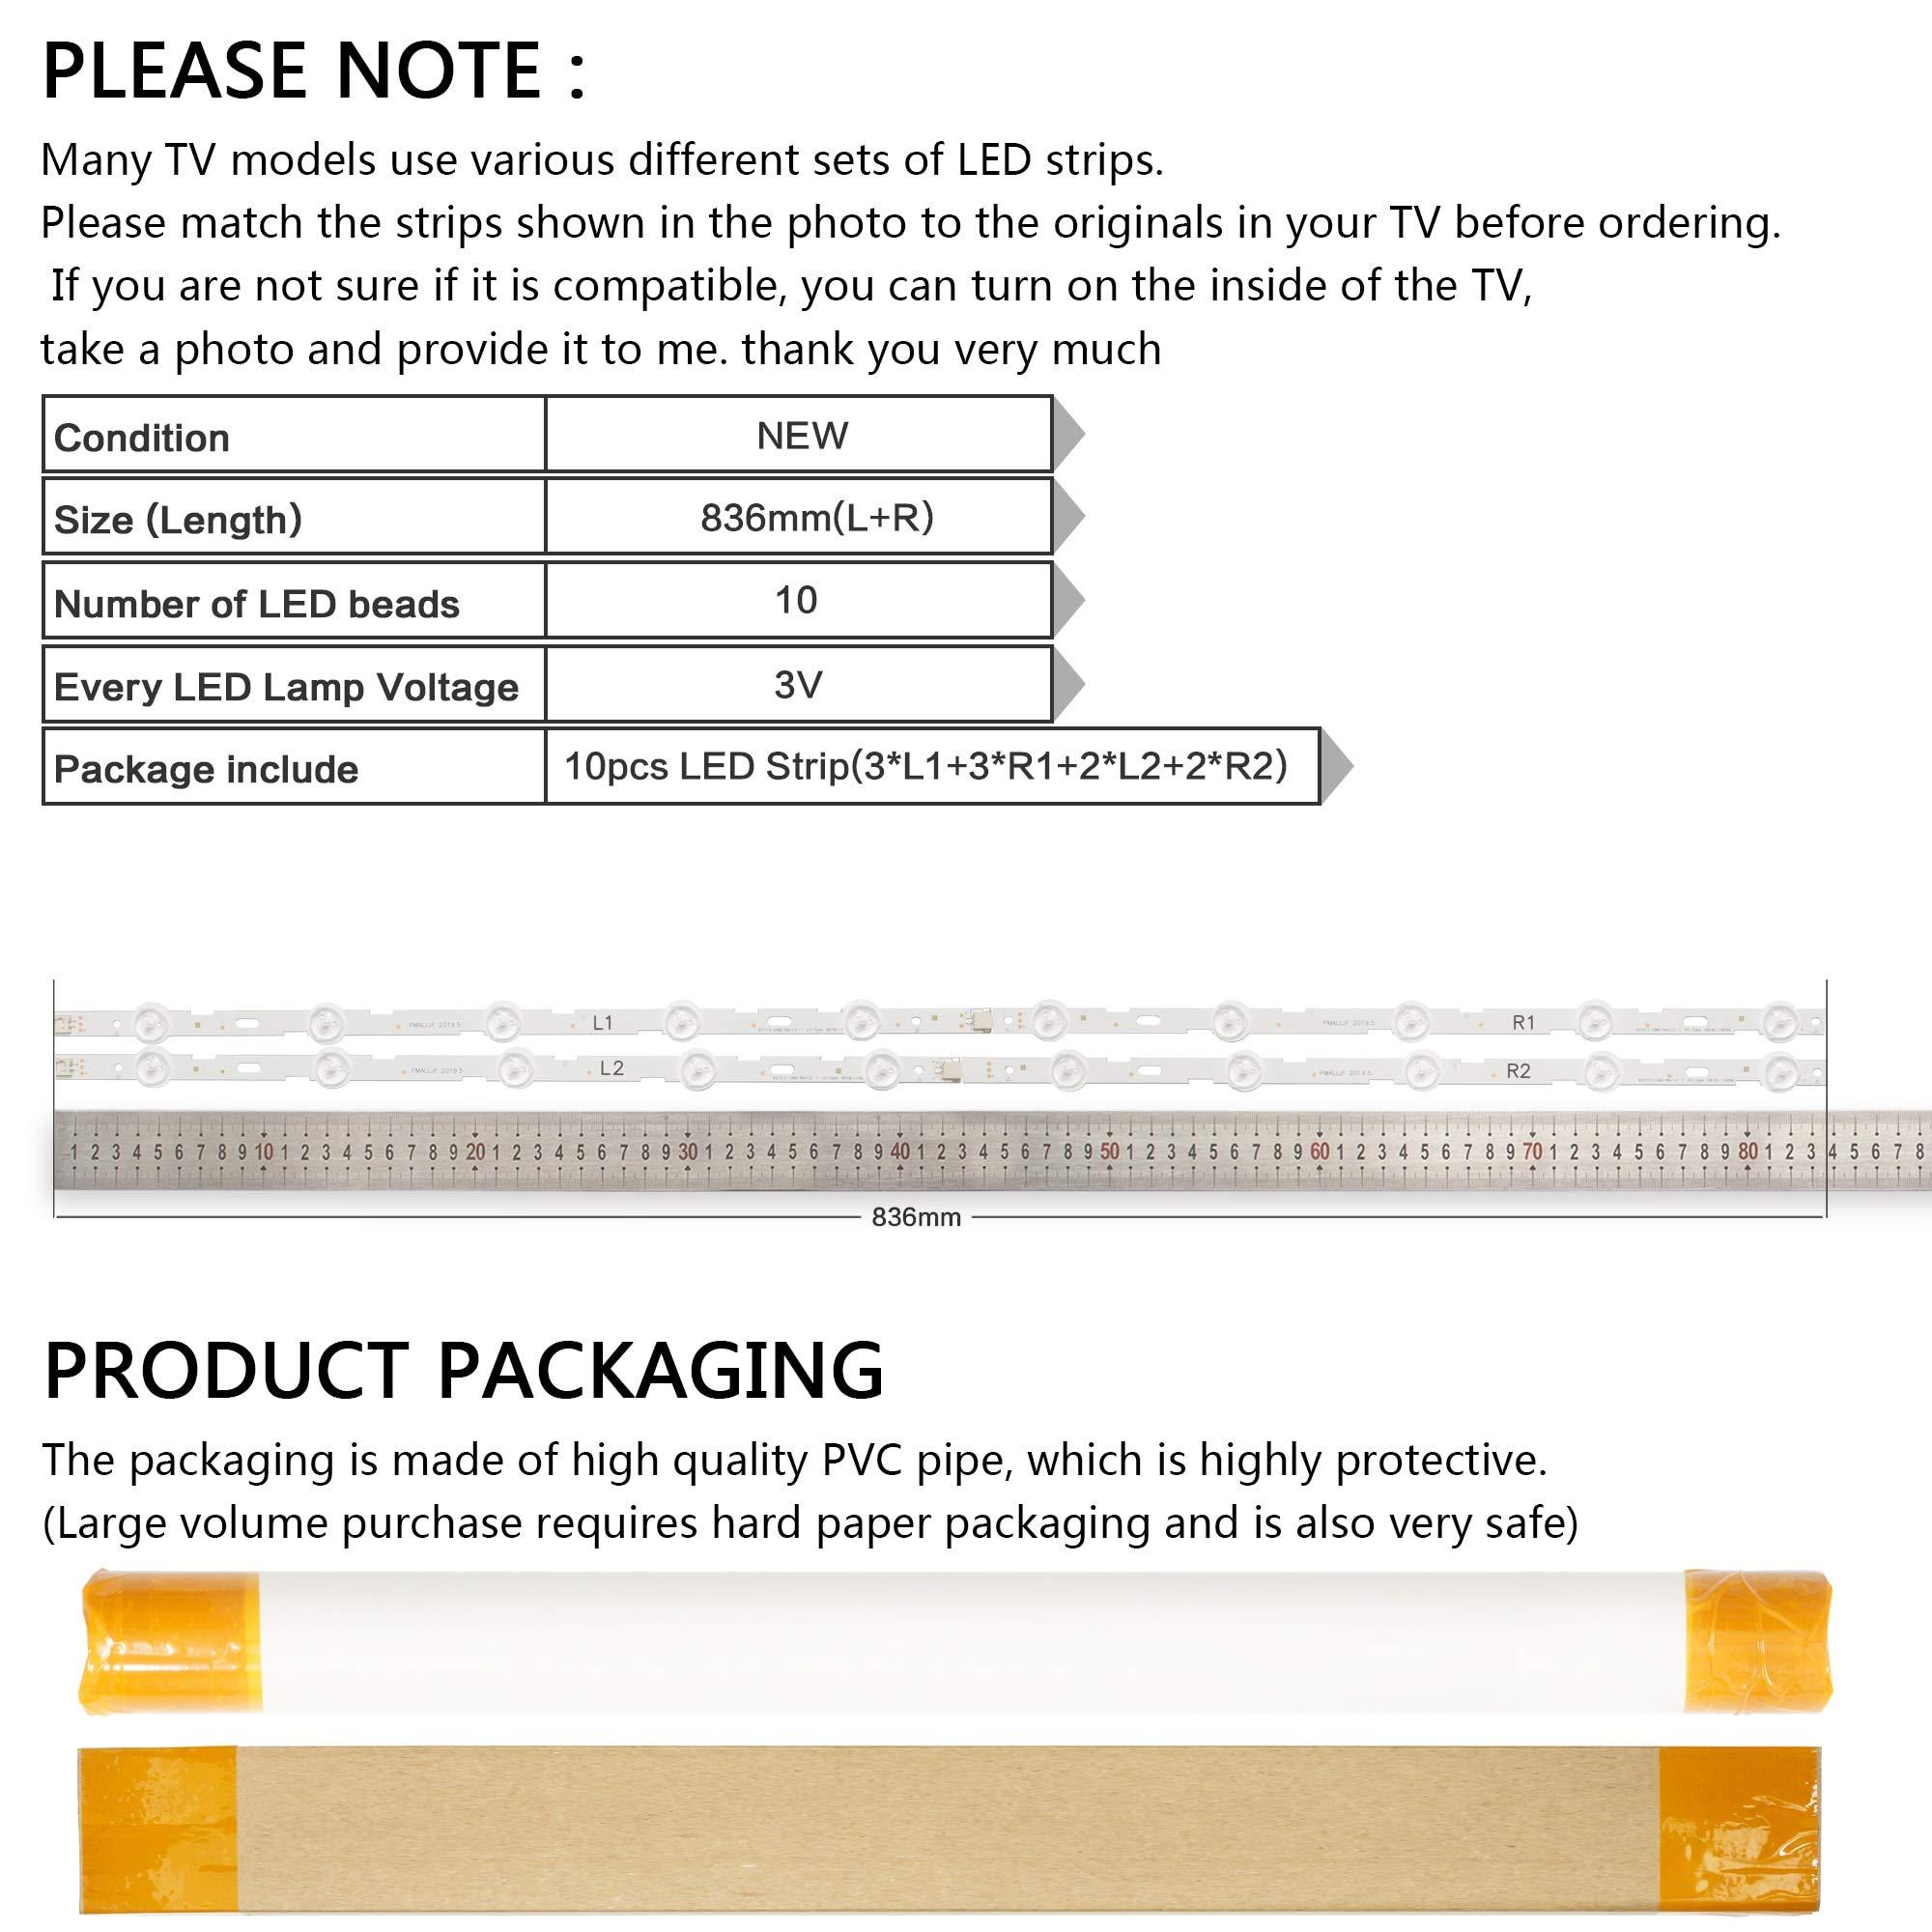 Calvas - Tira LED para LG 42 V13 cDMS Rev1.0 1 L1 R1 L2 R2-Type 6916L-1402A 6916L-1403A 6916L-1404A 6916L-1405A 42LN5200 42LN5300: Amazon.es: Bricolaje y herramientas